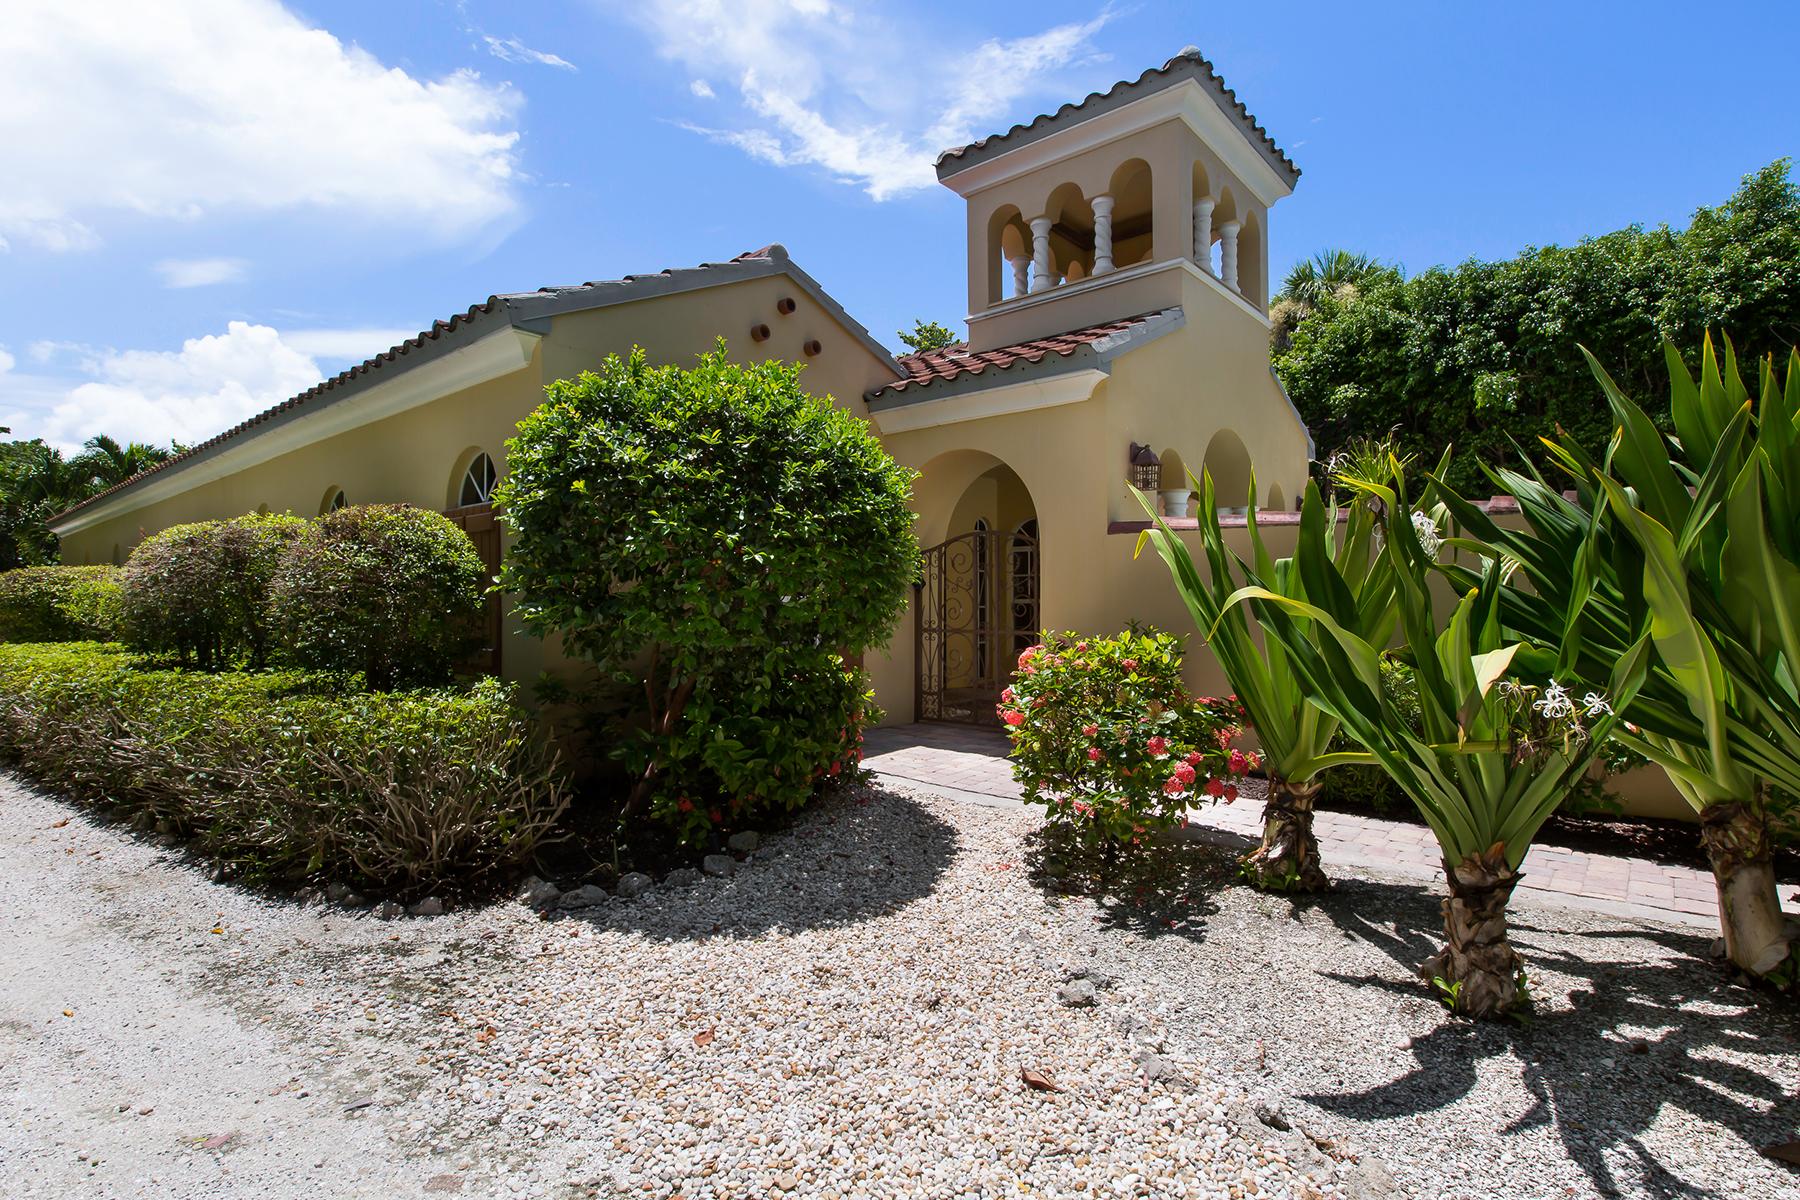 Maison unifamiliale pour l Vente à Captiva 16167 Captiva Dr Captiva, Florida, 33924 États-Unis